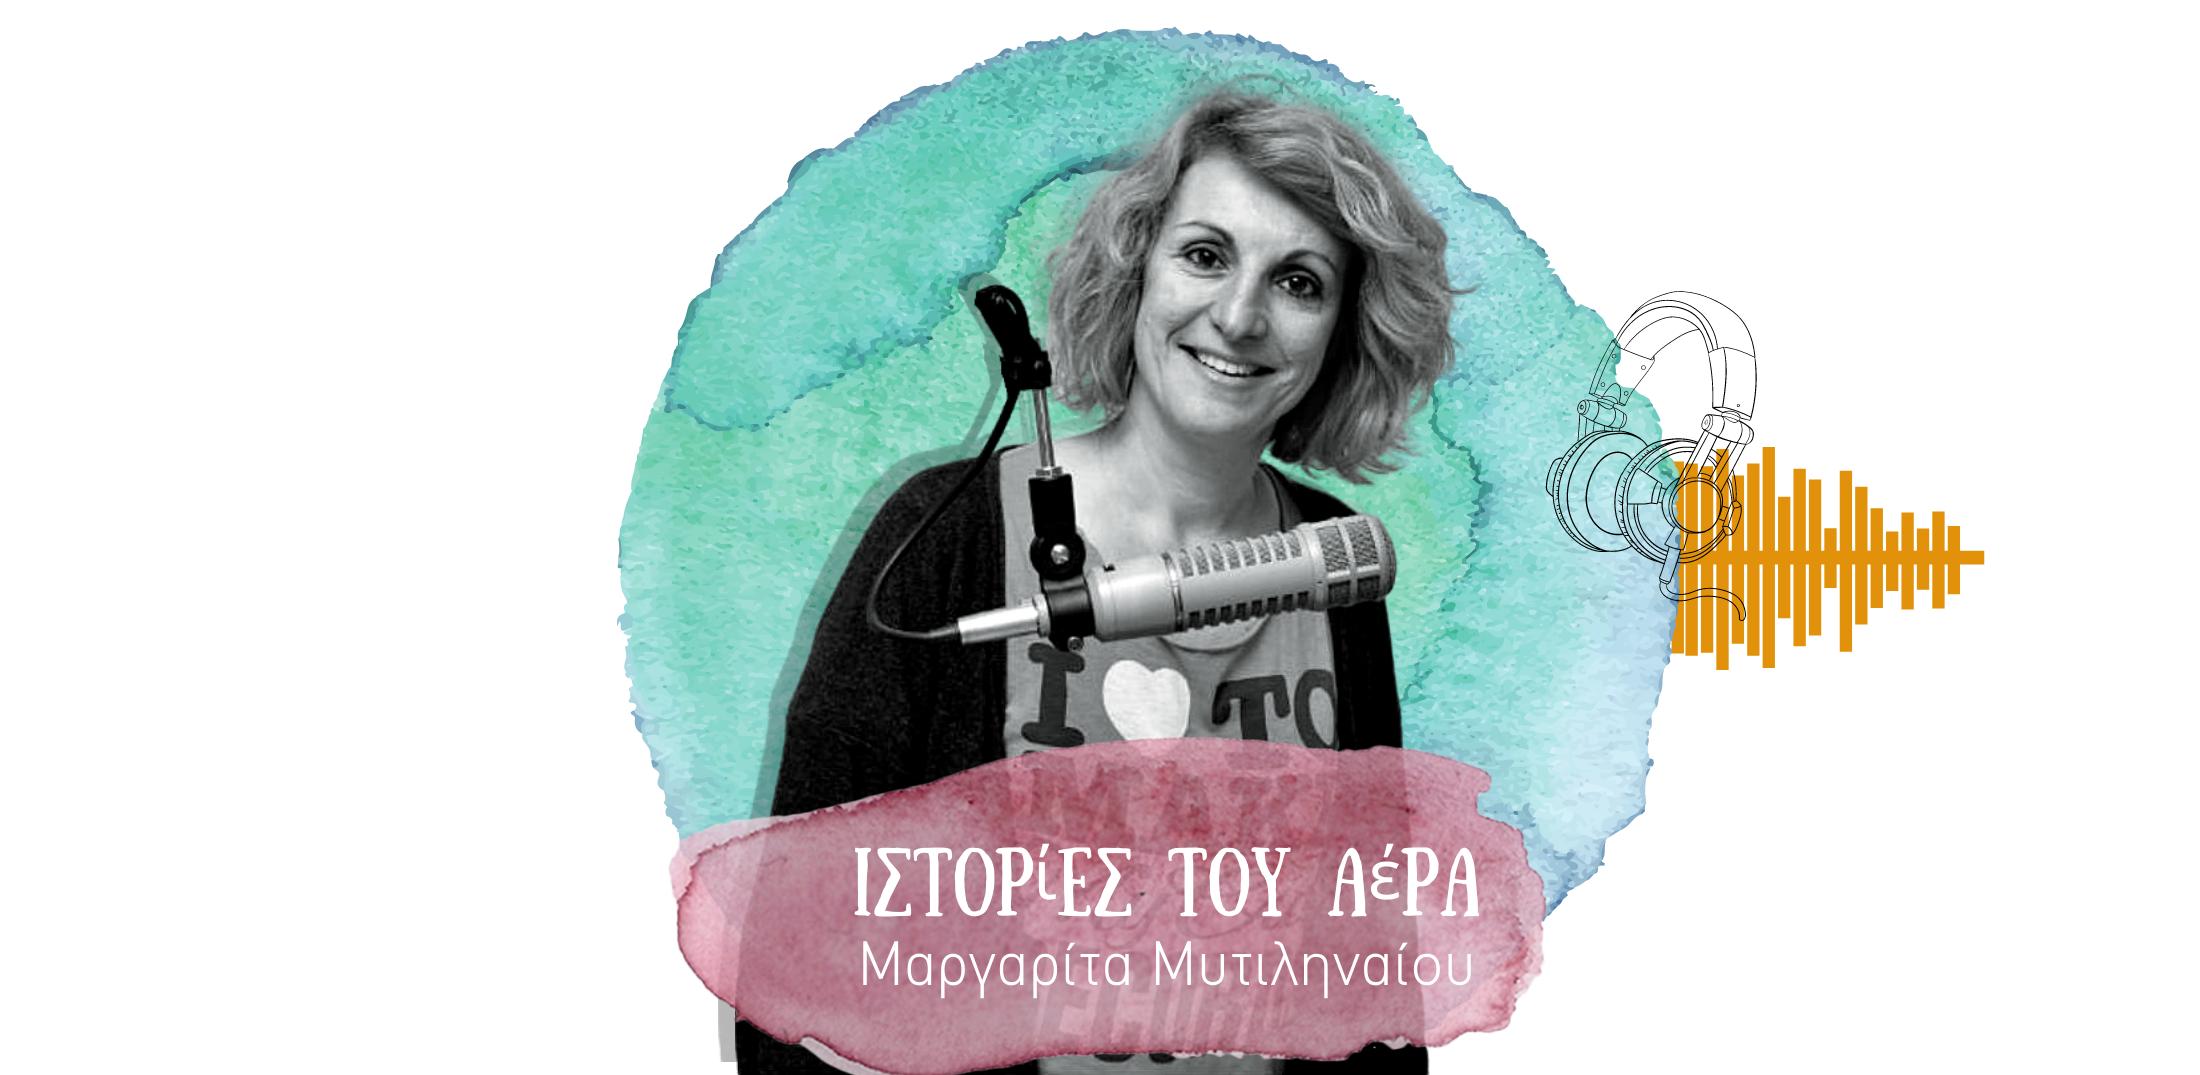 Ιστορίες του αέρα από την Μαργαρίτα Μυτιληναίου_zvoura.gr